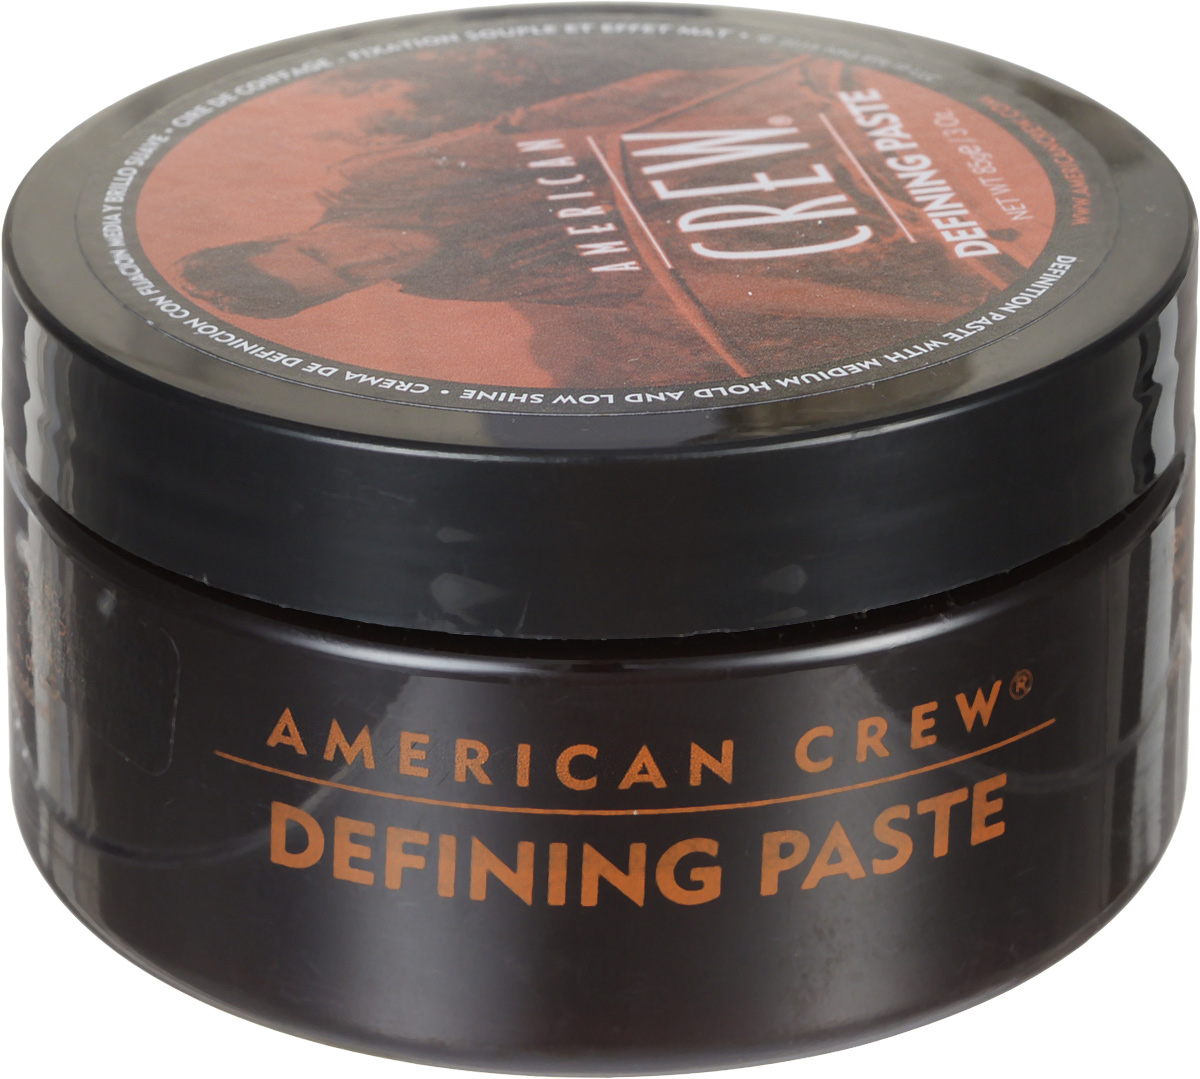 American Crew Паста для укладки волос Defining Paste 85 млMP59.4DПаста от компании American Crew предназначена для средней фиксации прически, обеспечивая низкий уровень блеска волос. Глицерин делает волосы густыми и объемными. Ланолин придает сверхсильную фиксацию. А пчелиный воск увлажняет волосы, при этом обеспечивая стойкость прически. Удобная текстура, сочетаясь с легкостью применения, делает это укладывающее косметическое средство очень привлекательным для применения.